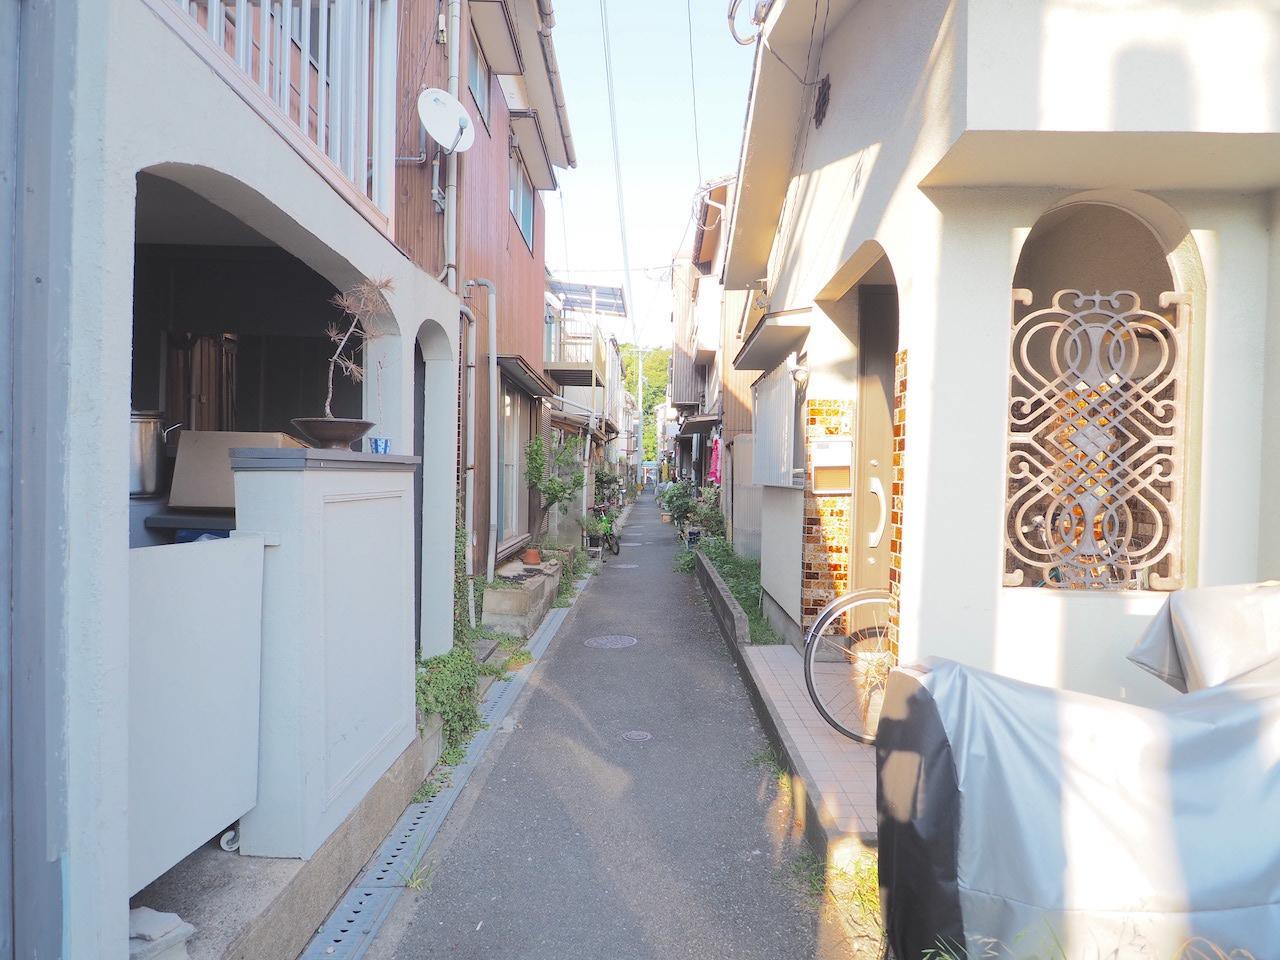 裏六本松、裏路地のススメ (福岡市中央区六本松の物件) - 福岡R不動産